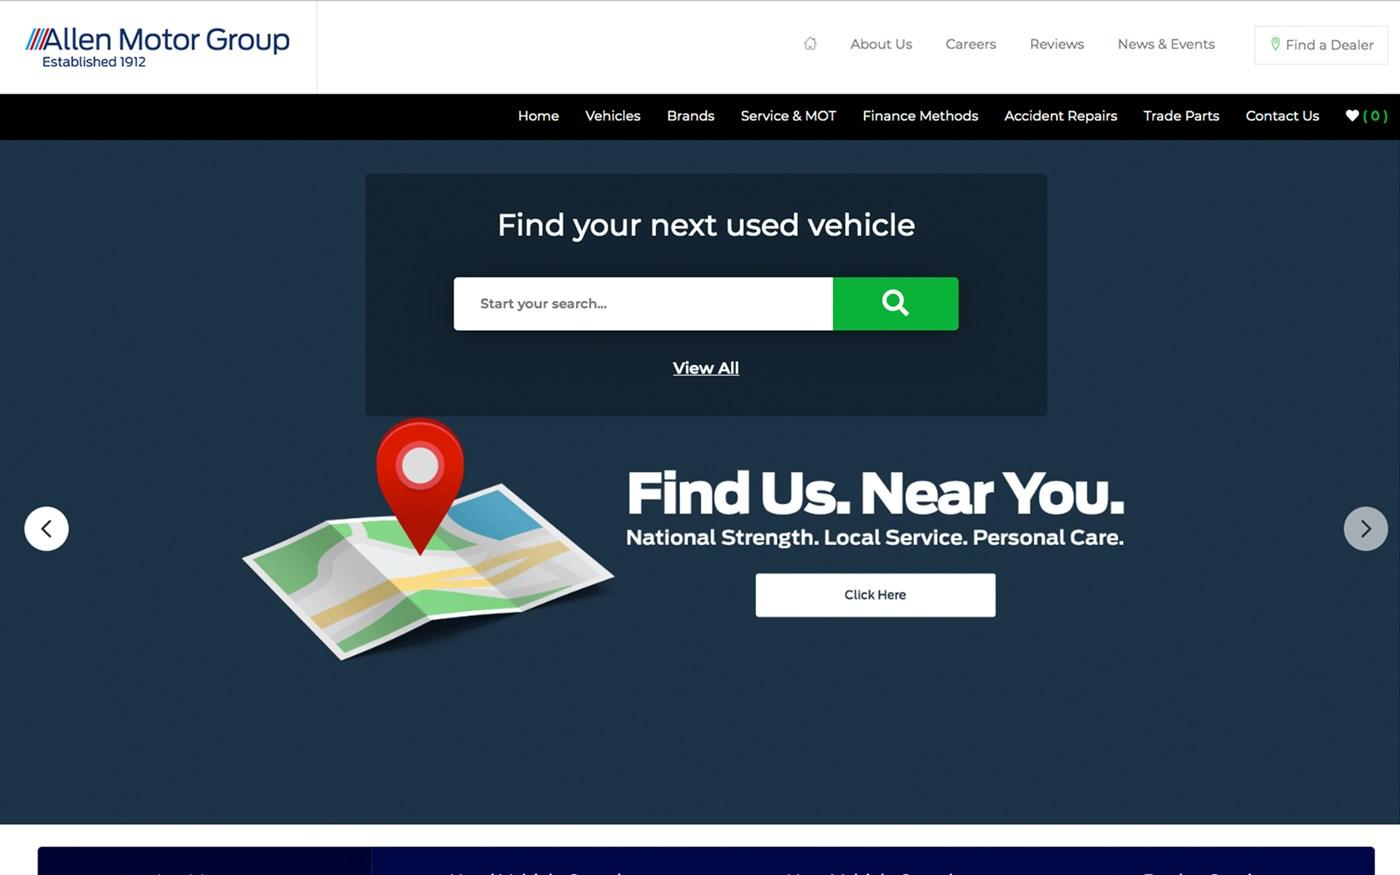 Allen Motor Group website screenshot